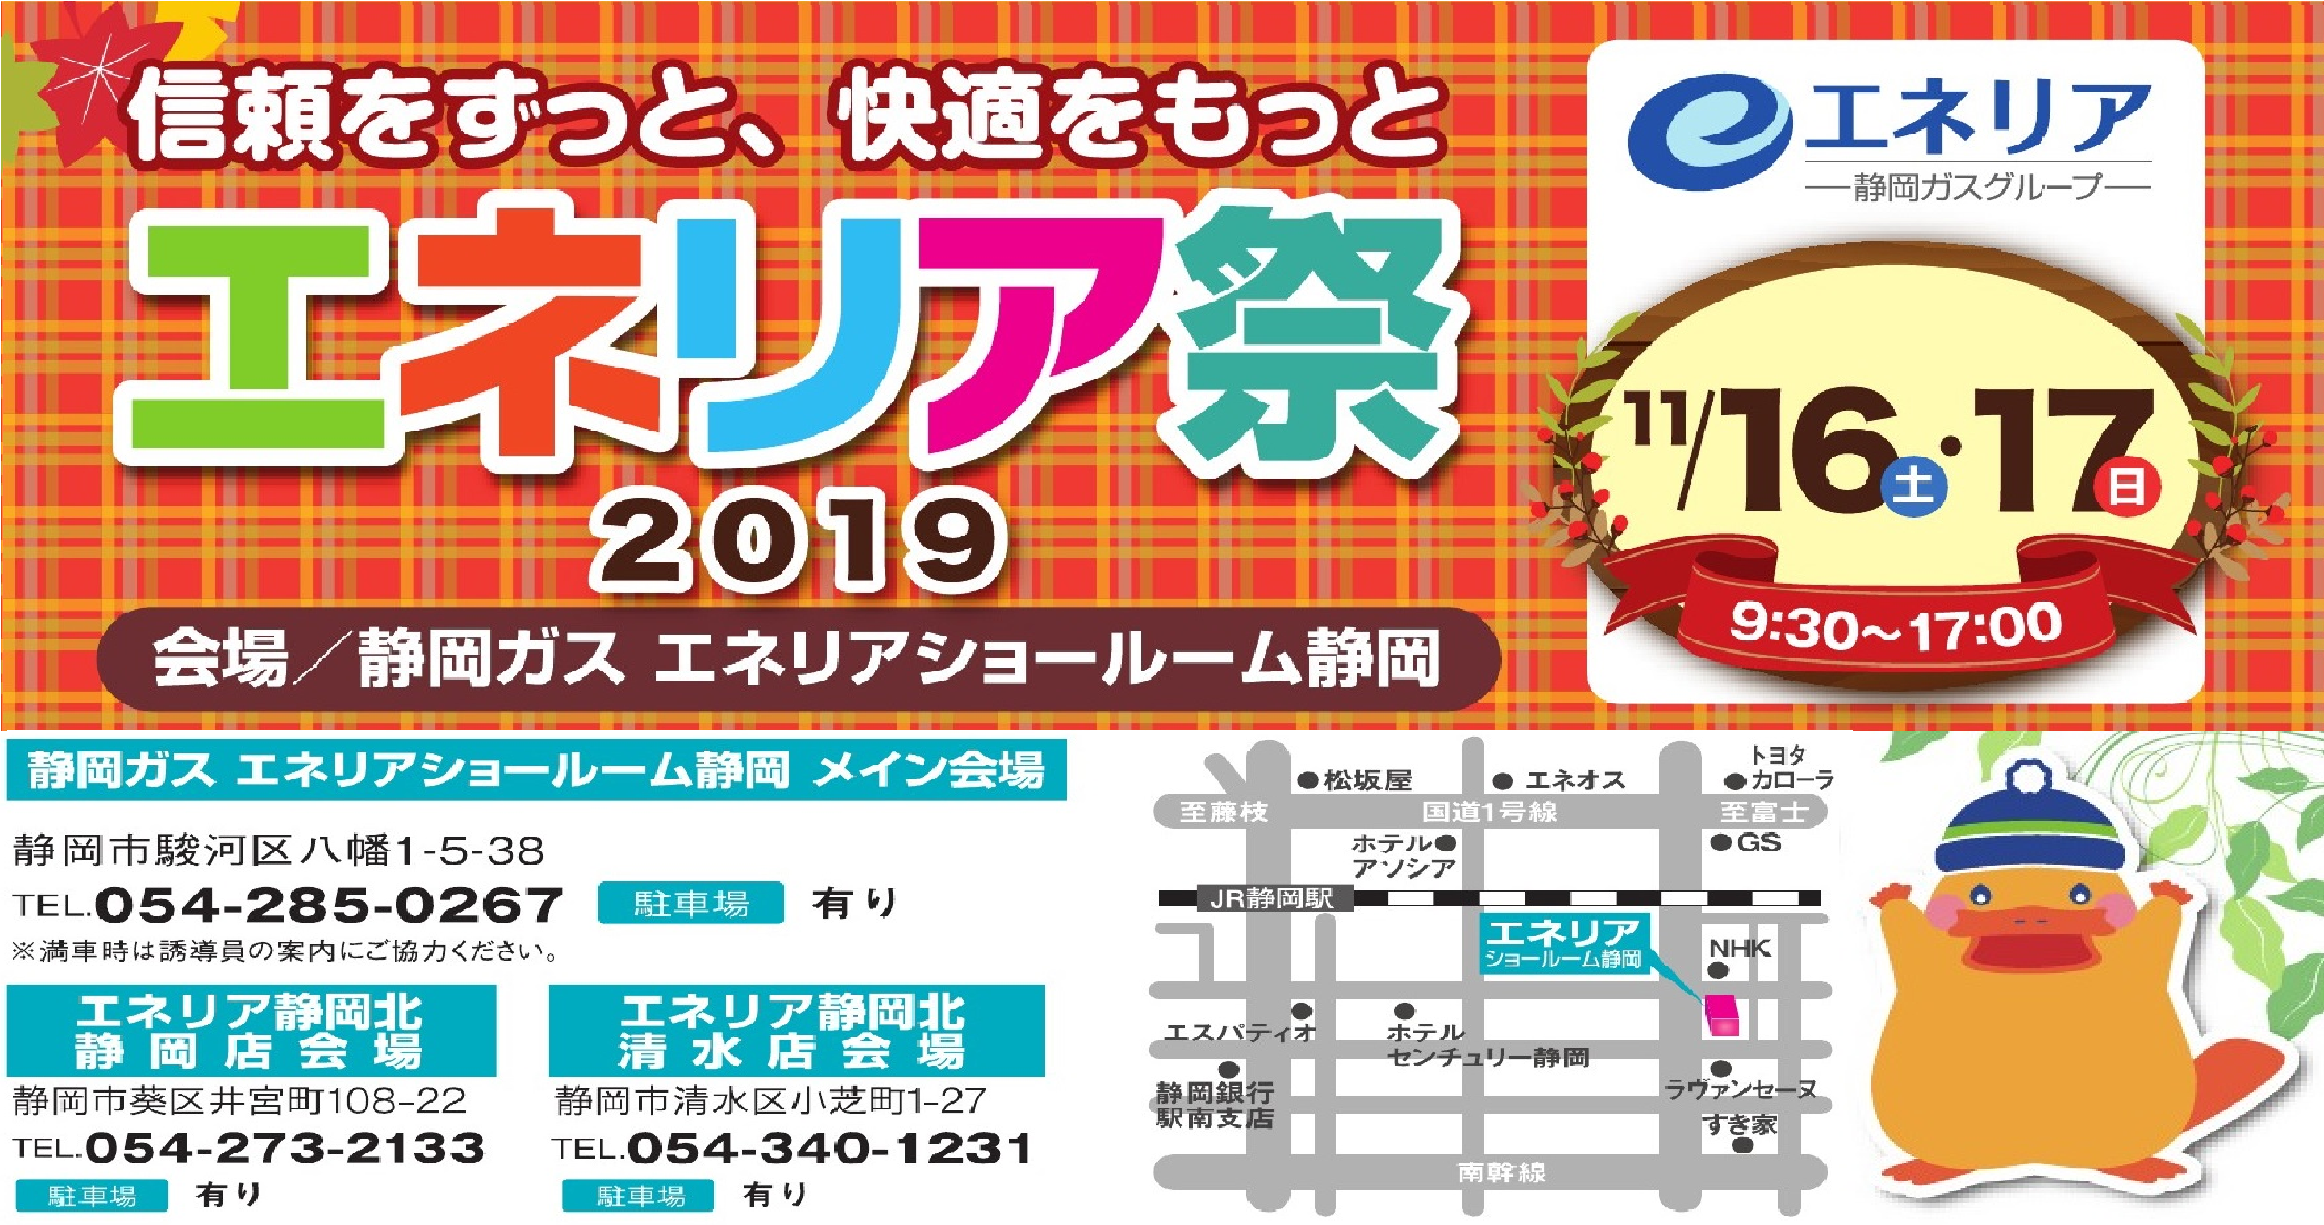 エネリア祭2019 ~静岡~